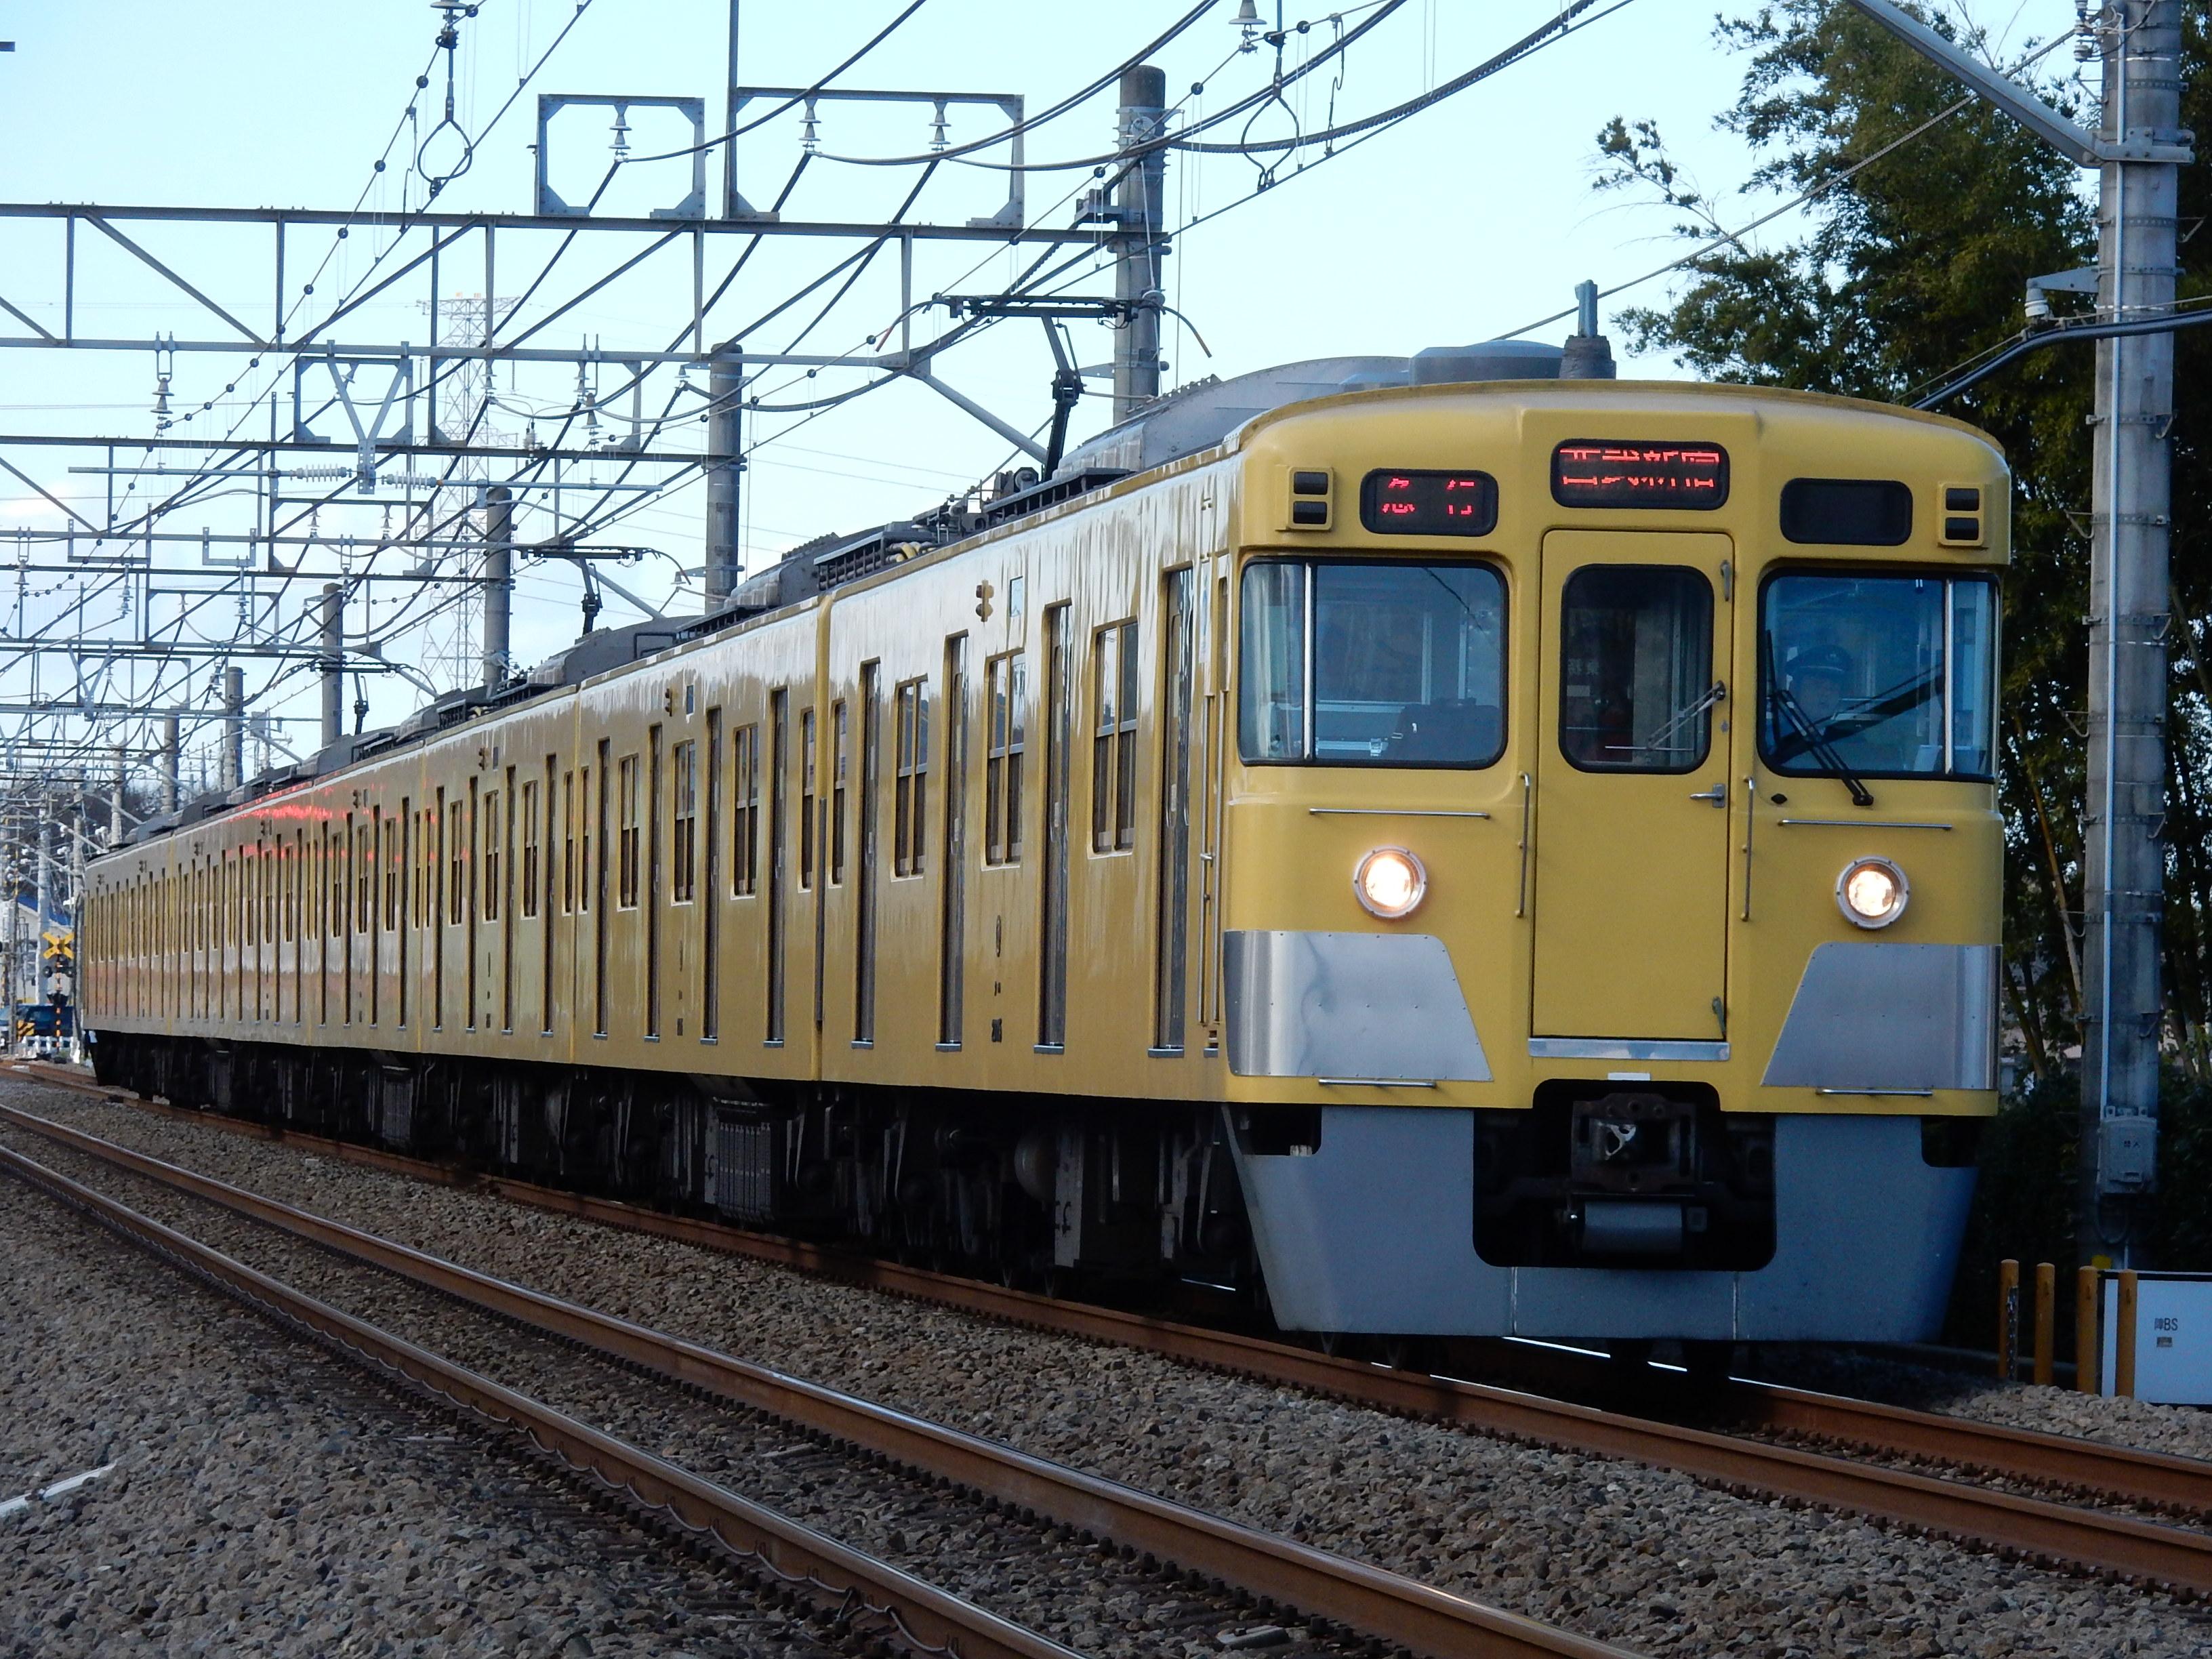 DSCN9350.jpg